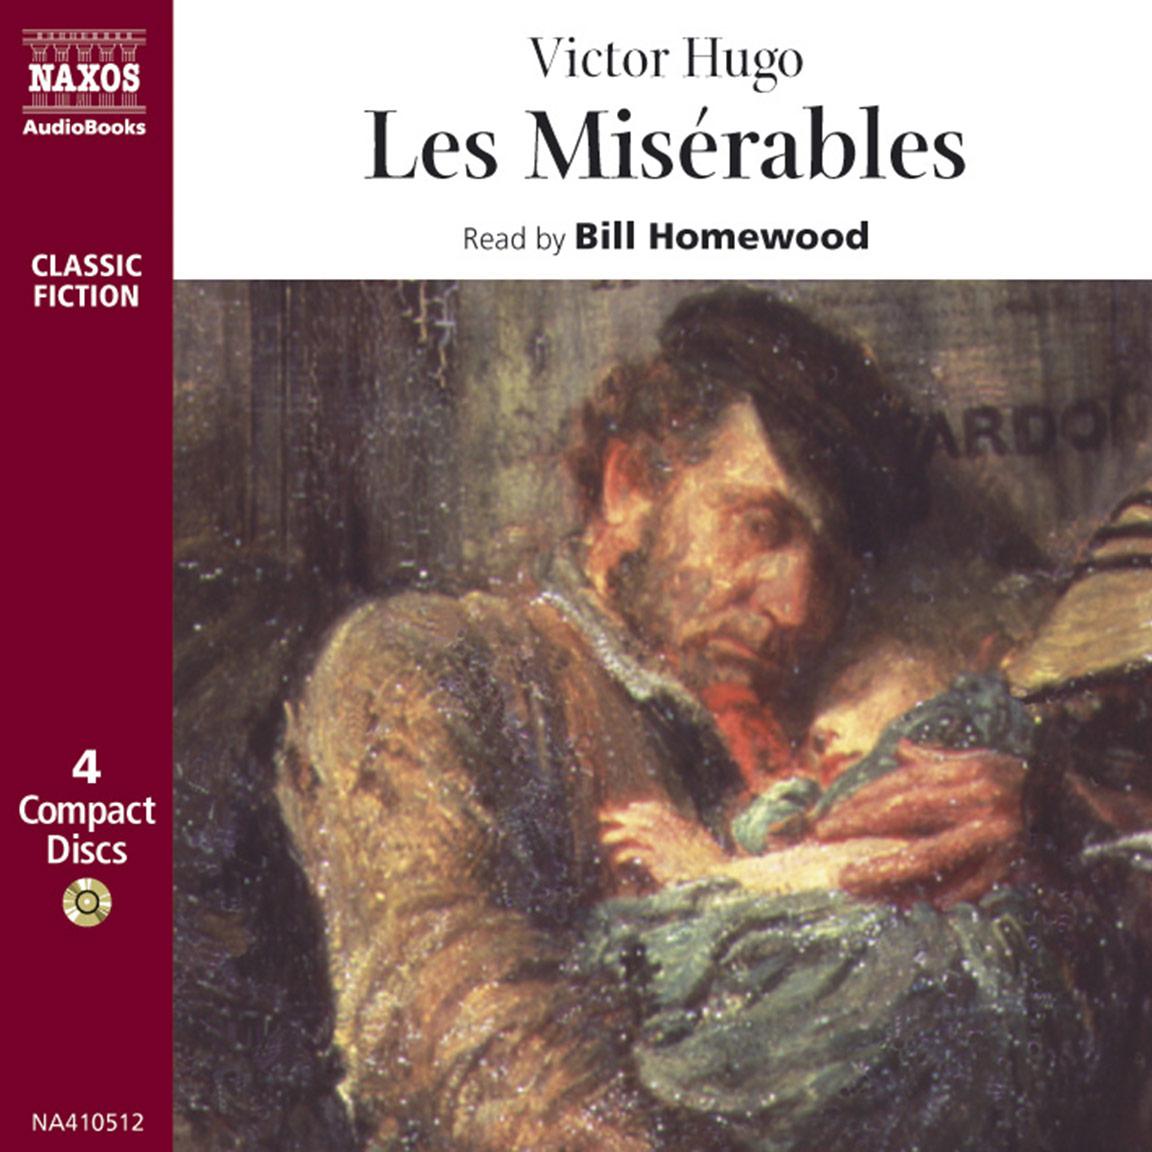 Les Misérables (abridged)